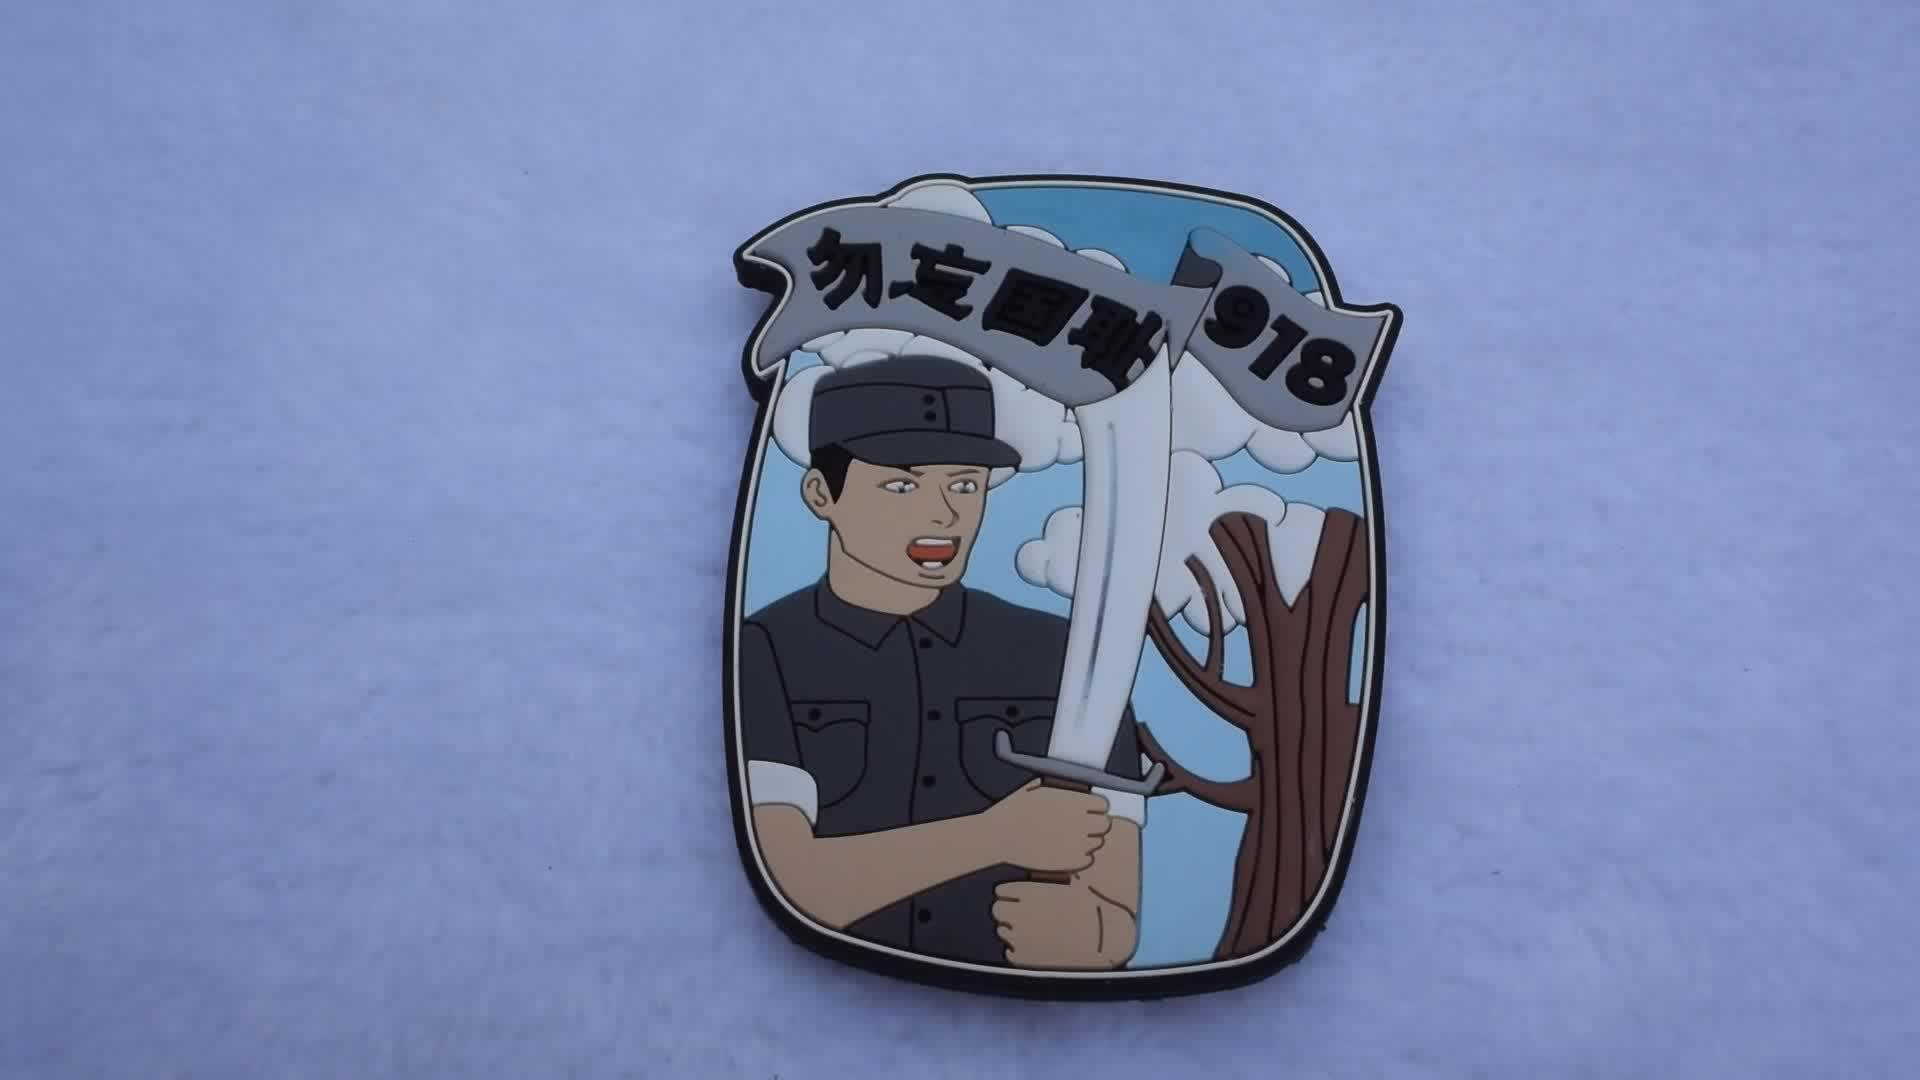 Commercio all'ingrosso di disegno di stile Cinese souvenir magneti frigo pvc per la vendita